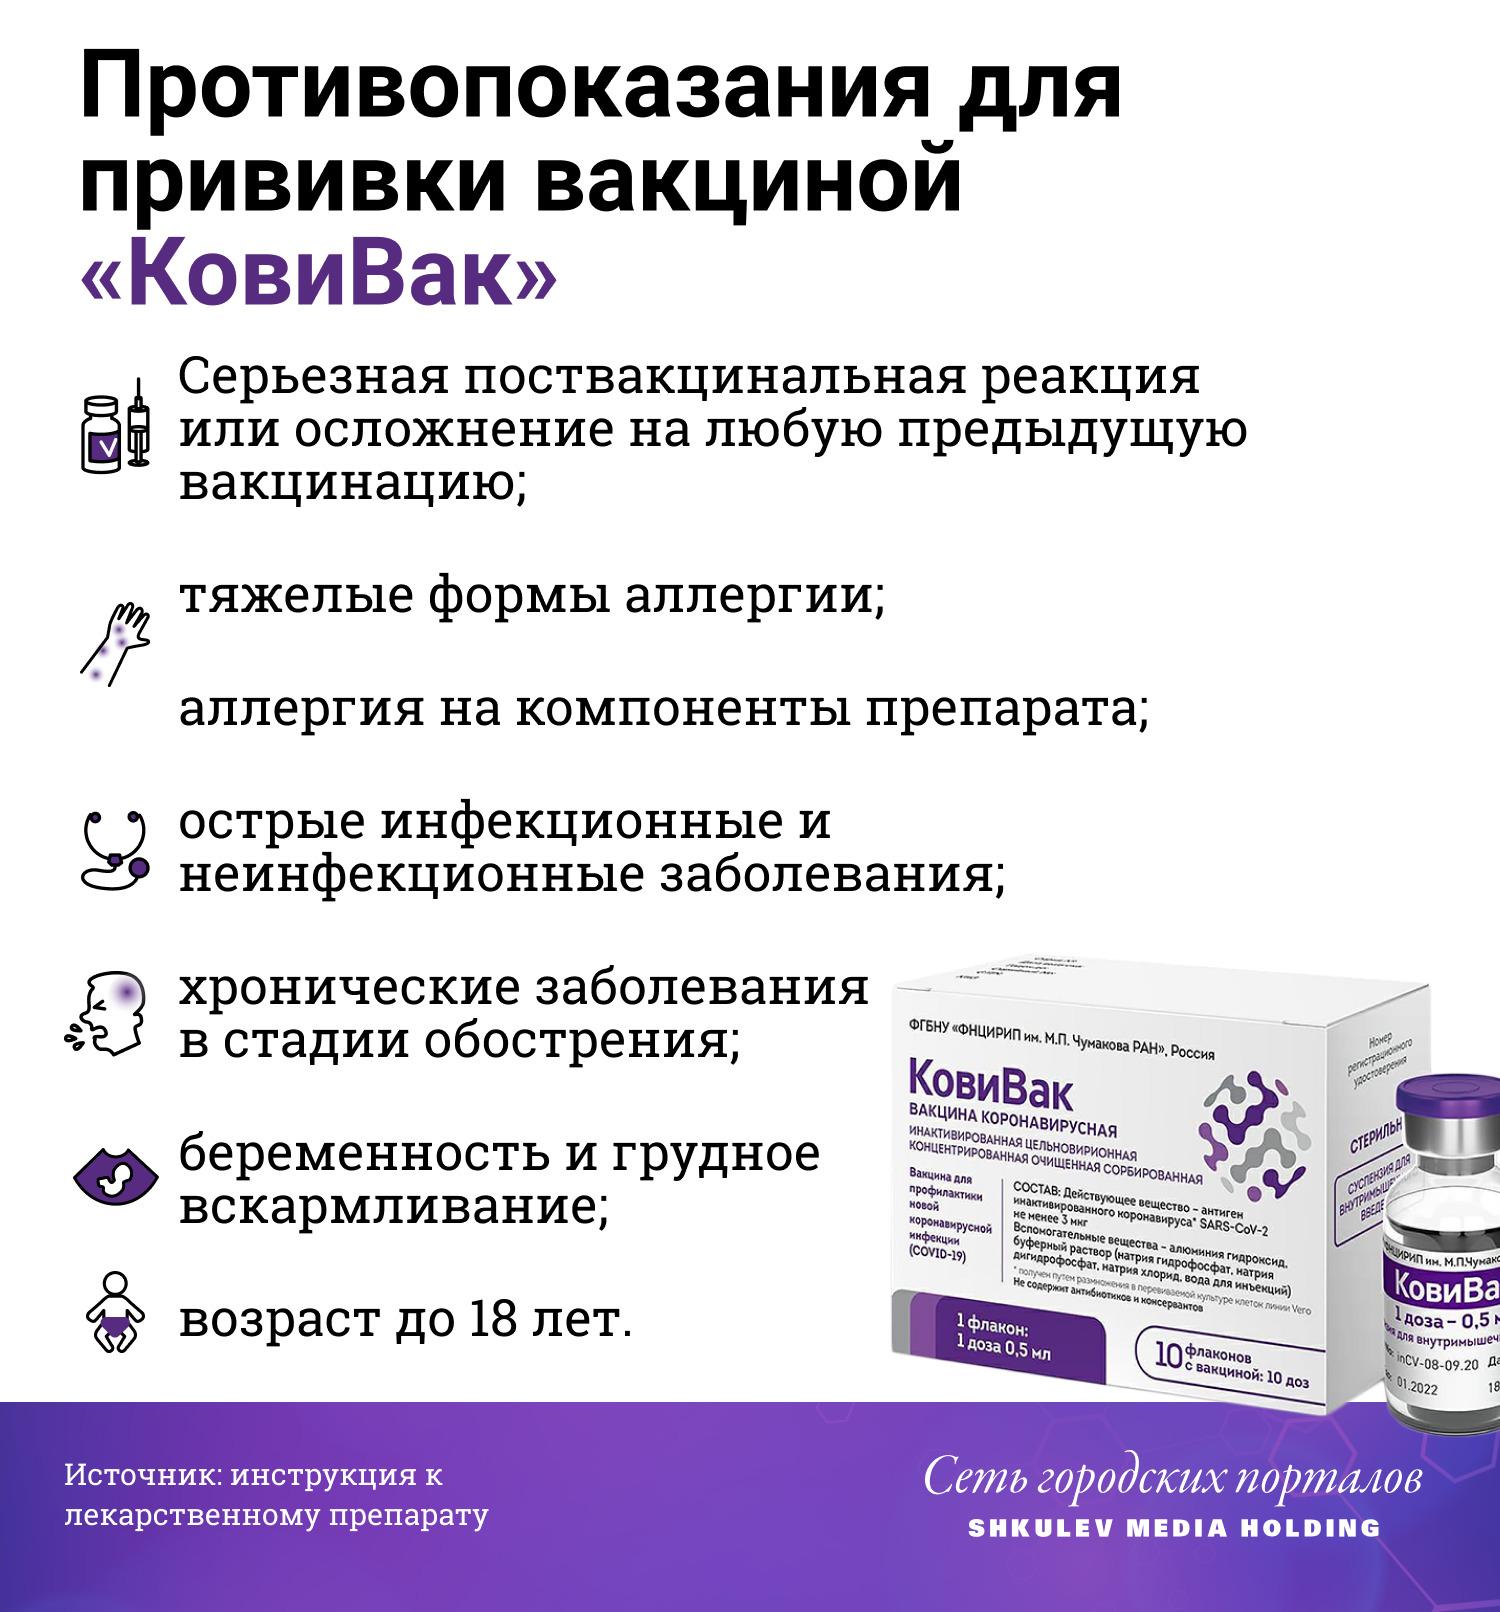 Вакцина «КовиВак» не применяется, если ранее были осложнения из-за каких-либо прививок